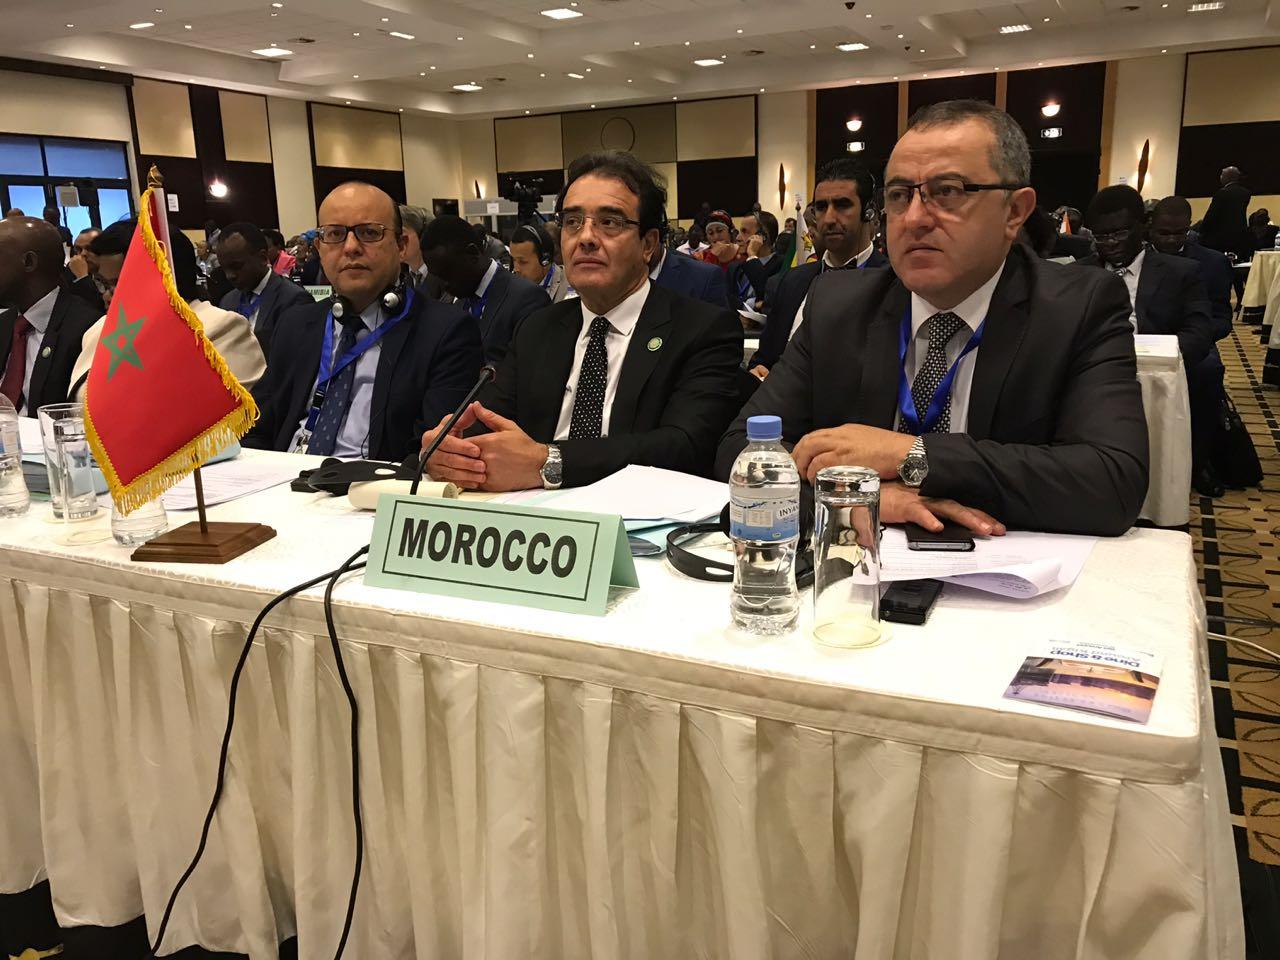 بنعتيق يحقق انتصارا لفائدة المغرب في أشغال اللجنة المتخصصة في الهجرة واللجوء والأشخاص النازحين للاتحاد الإفريقي